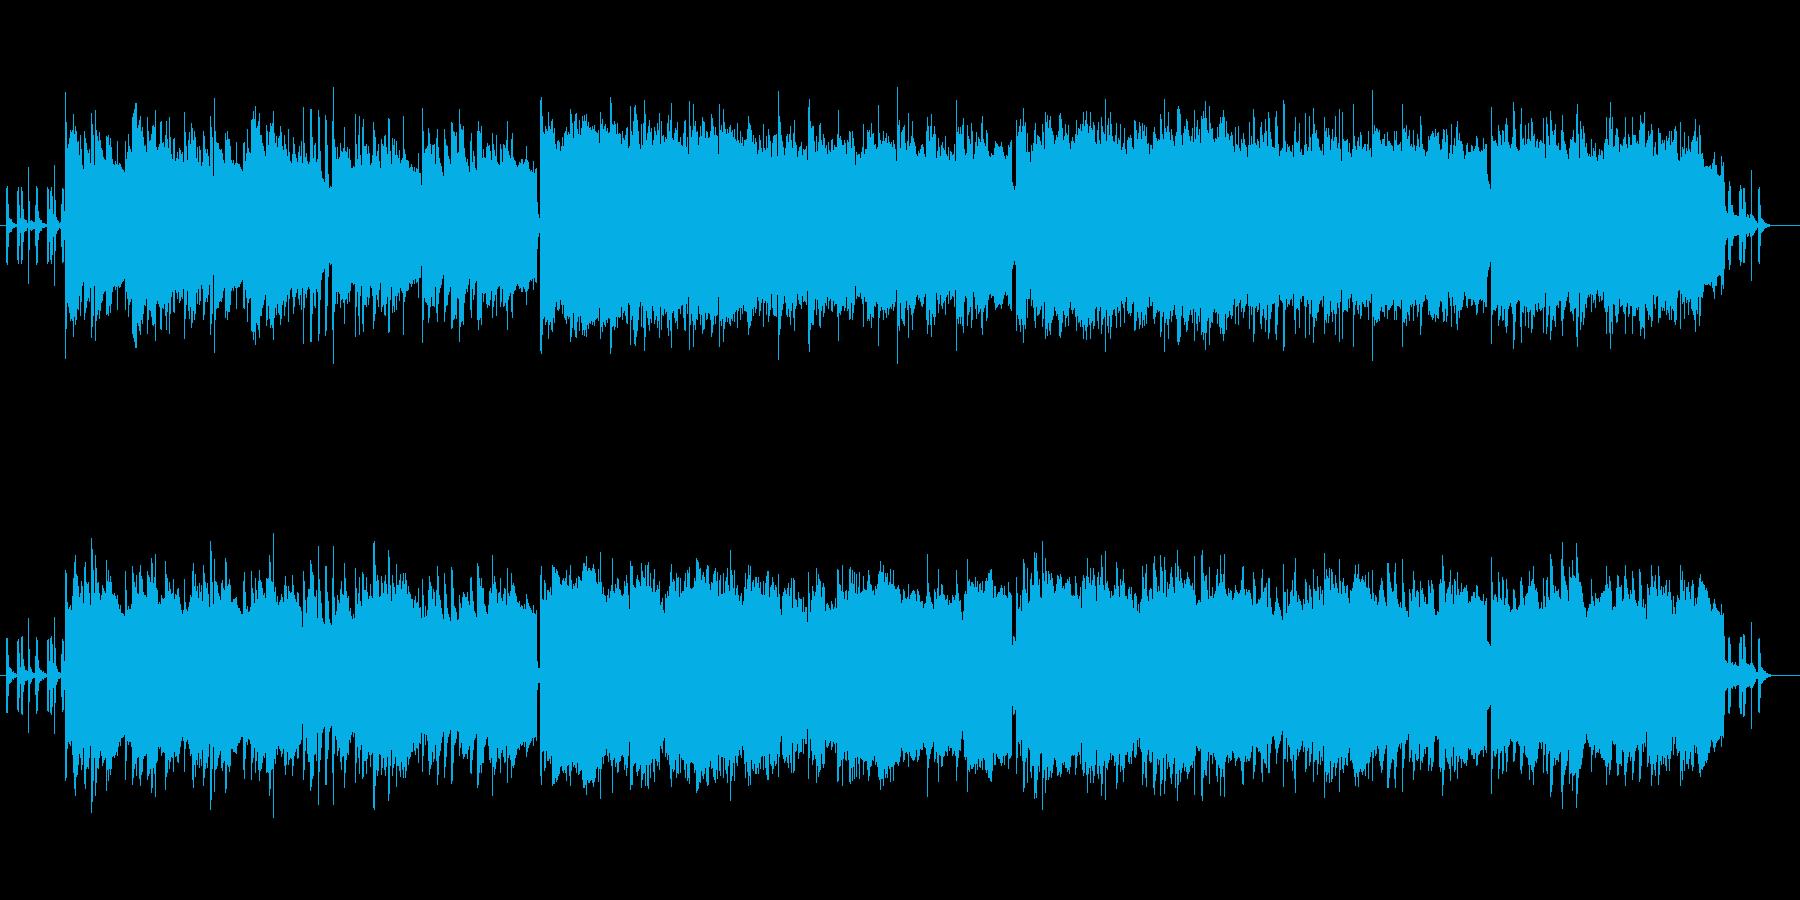 背中を押す前向きなピアノのバラード曲の再生済みの波形